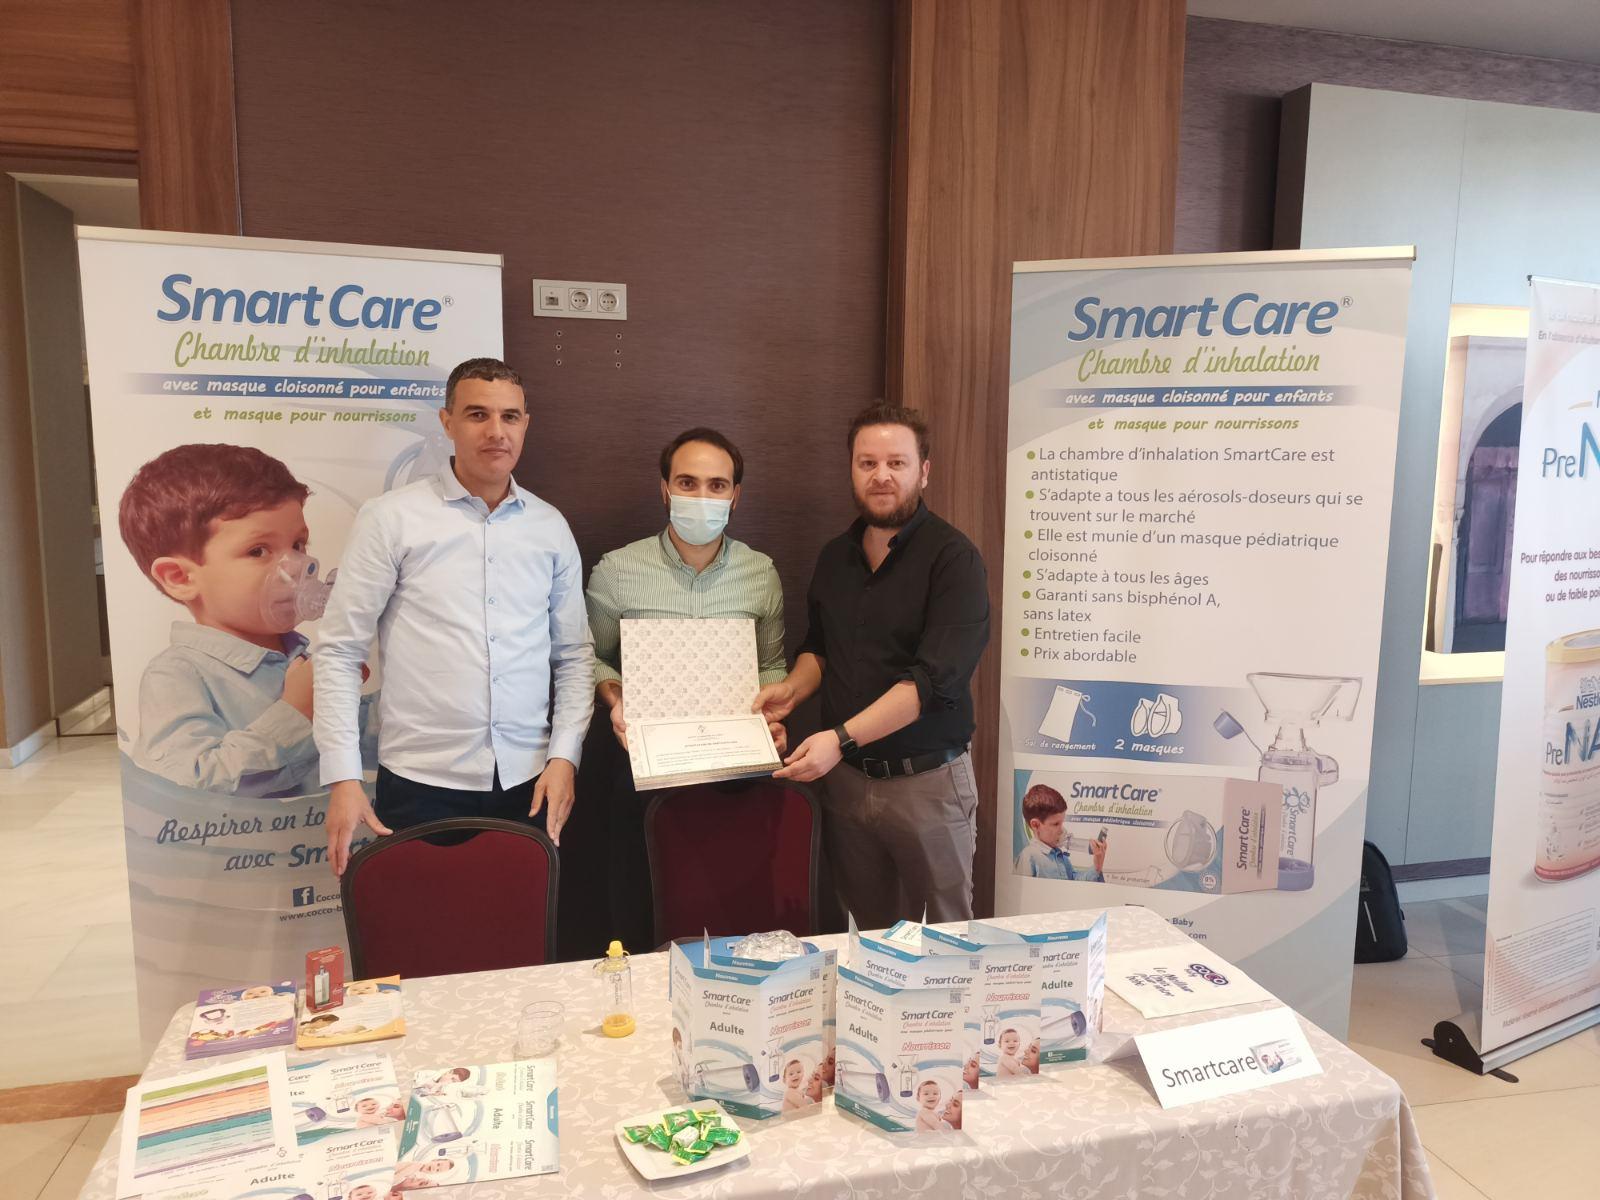 smartcare R